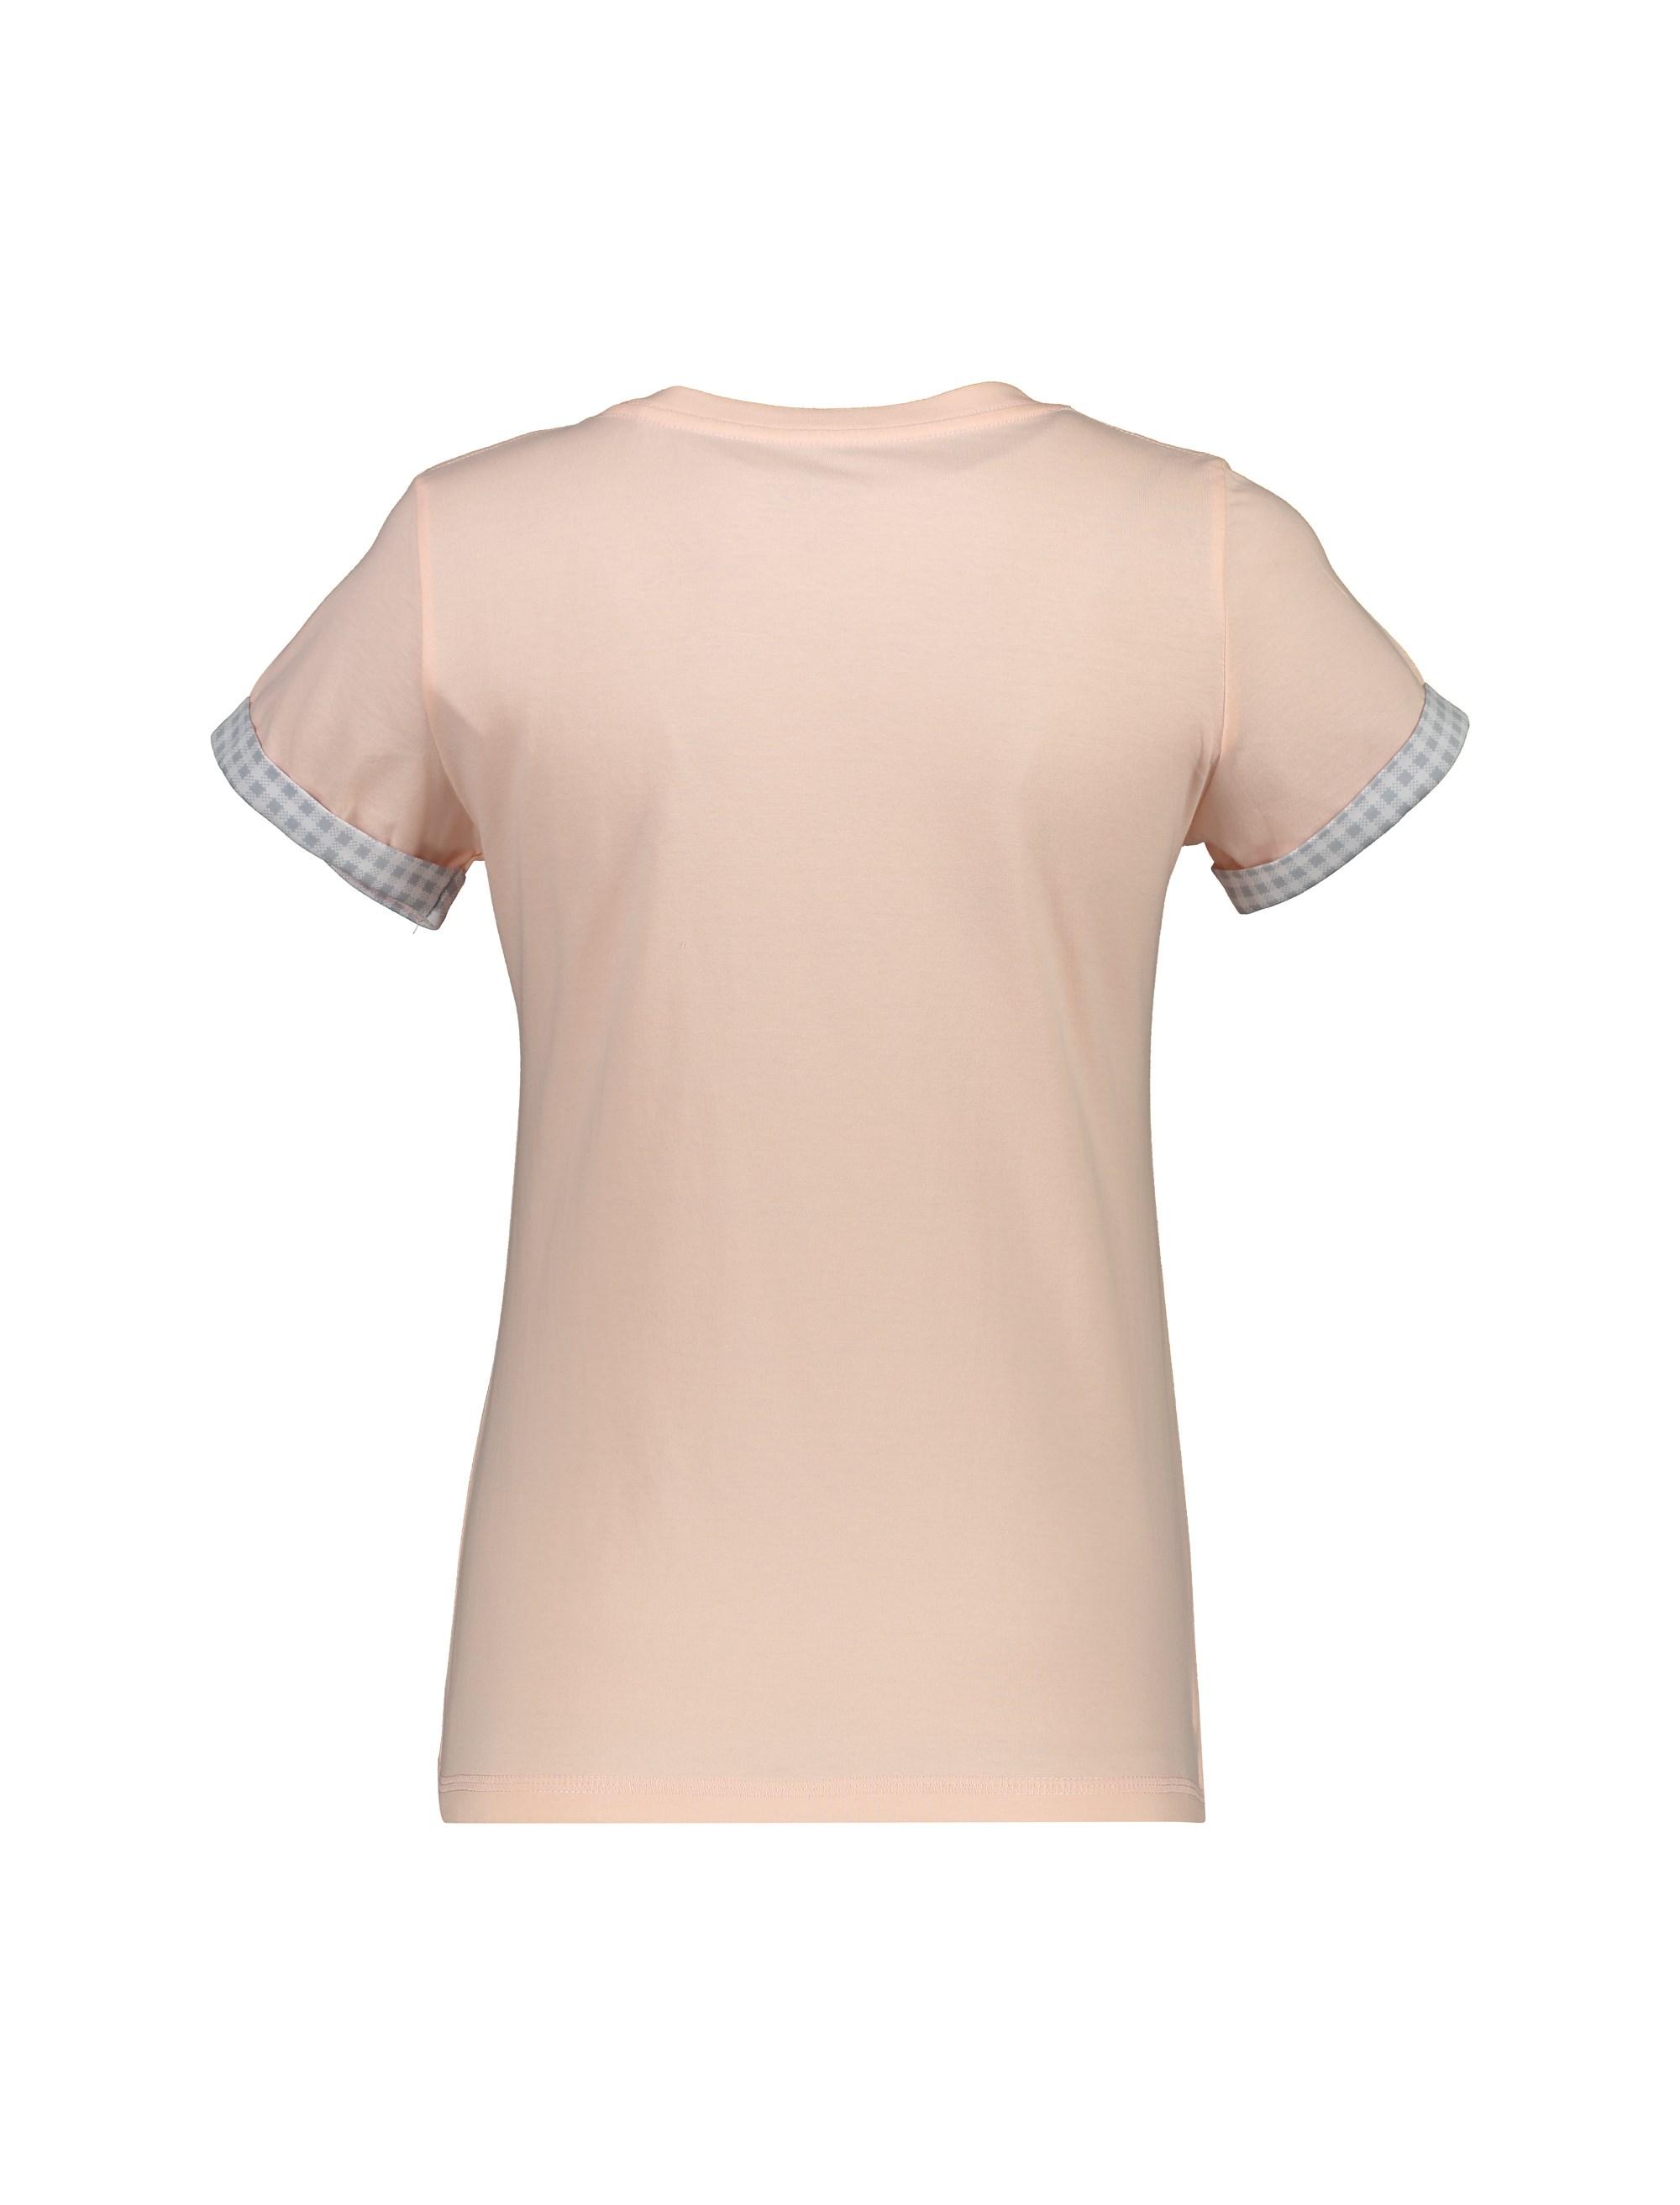 تی شرت و شلوار نخی زنانه طرح بره چهار خانه - ناربن - گلبهي - 3